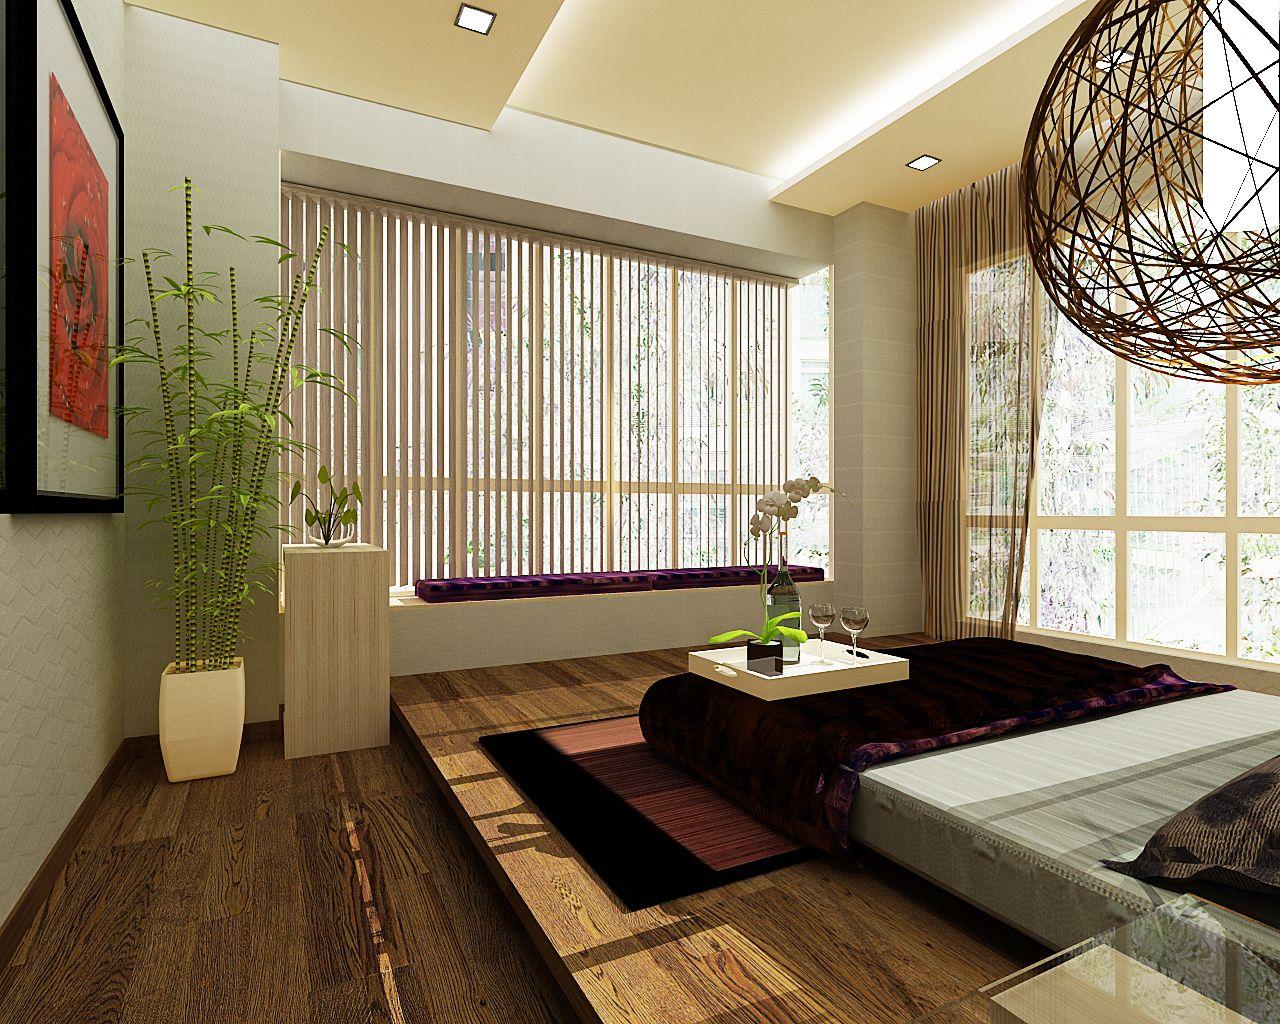 How To Feng Shui Your Bedroom Zen interiors, Zen living